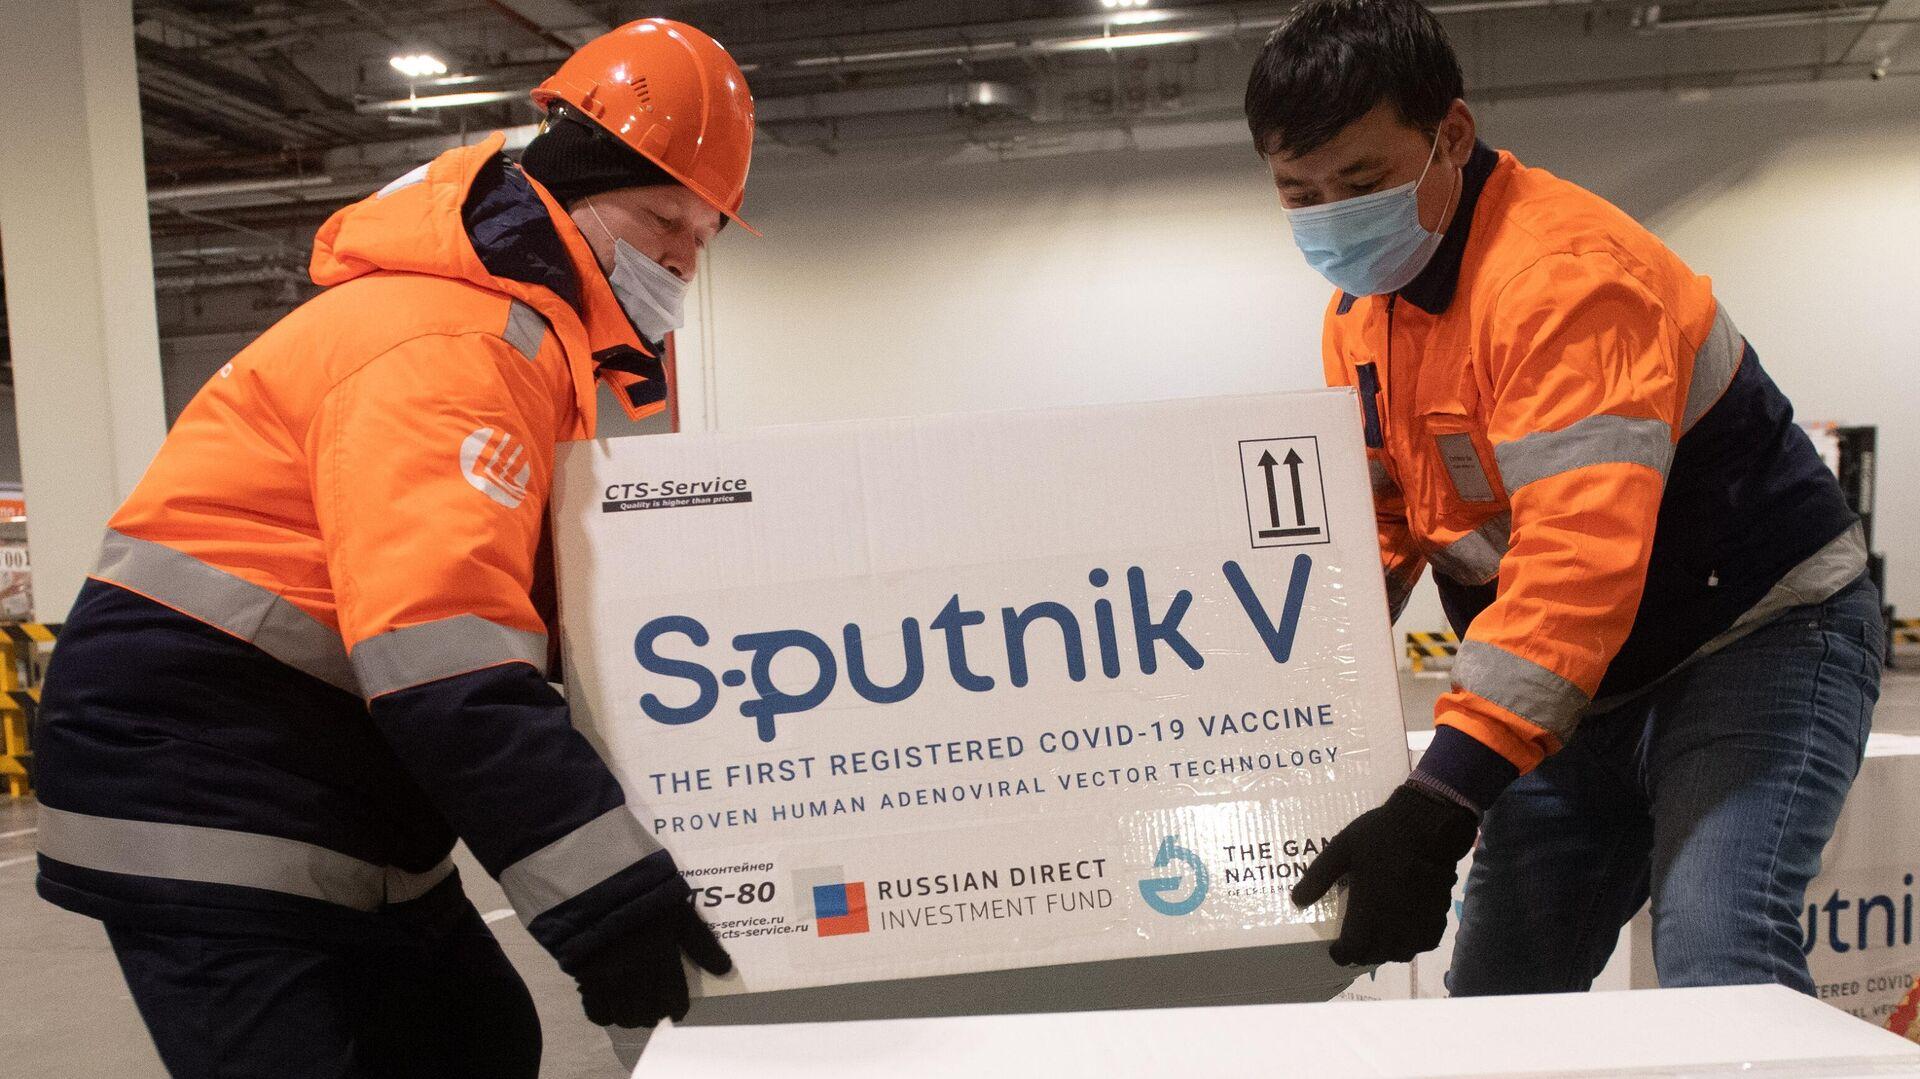 Доставка вакцины Sputnik V на склад в грузовой терминал Москва Карго - РИА Новости, 1920, 30.04.2021